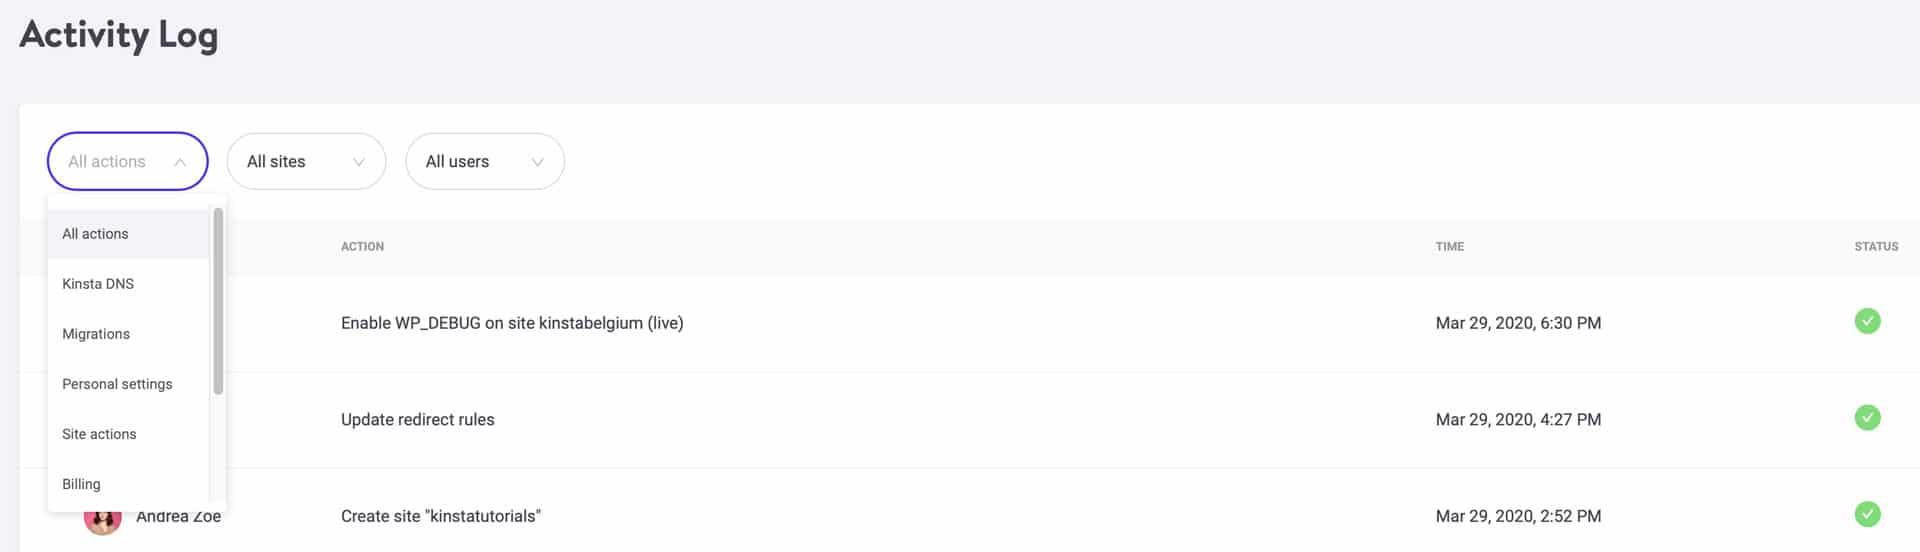 Le filtre de catégorie pour le journal d'activités de MyKinsta.